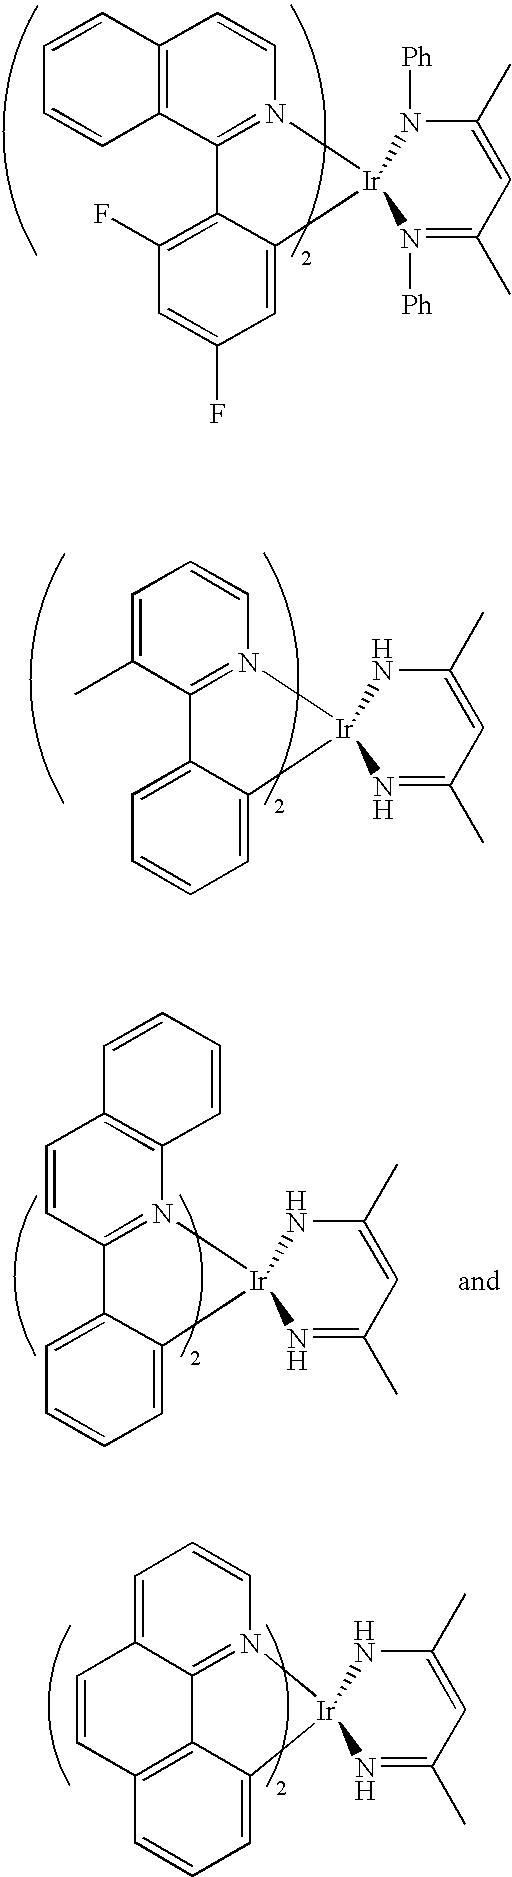 Figure US20080058517A1-20080306-C00029